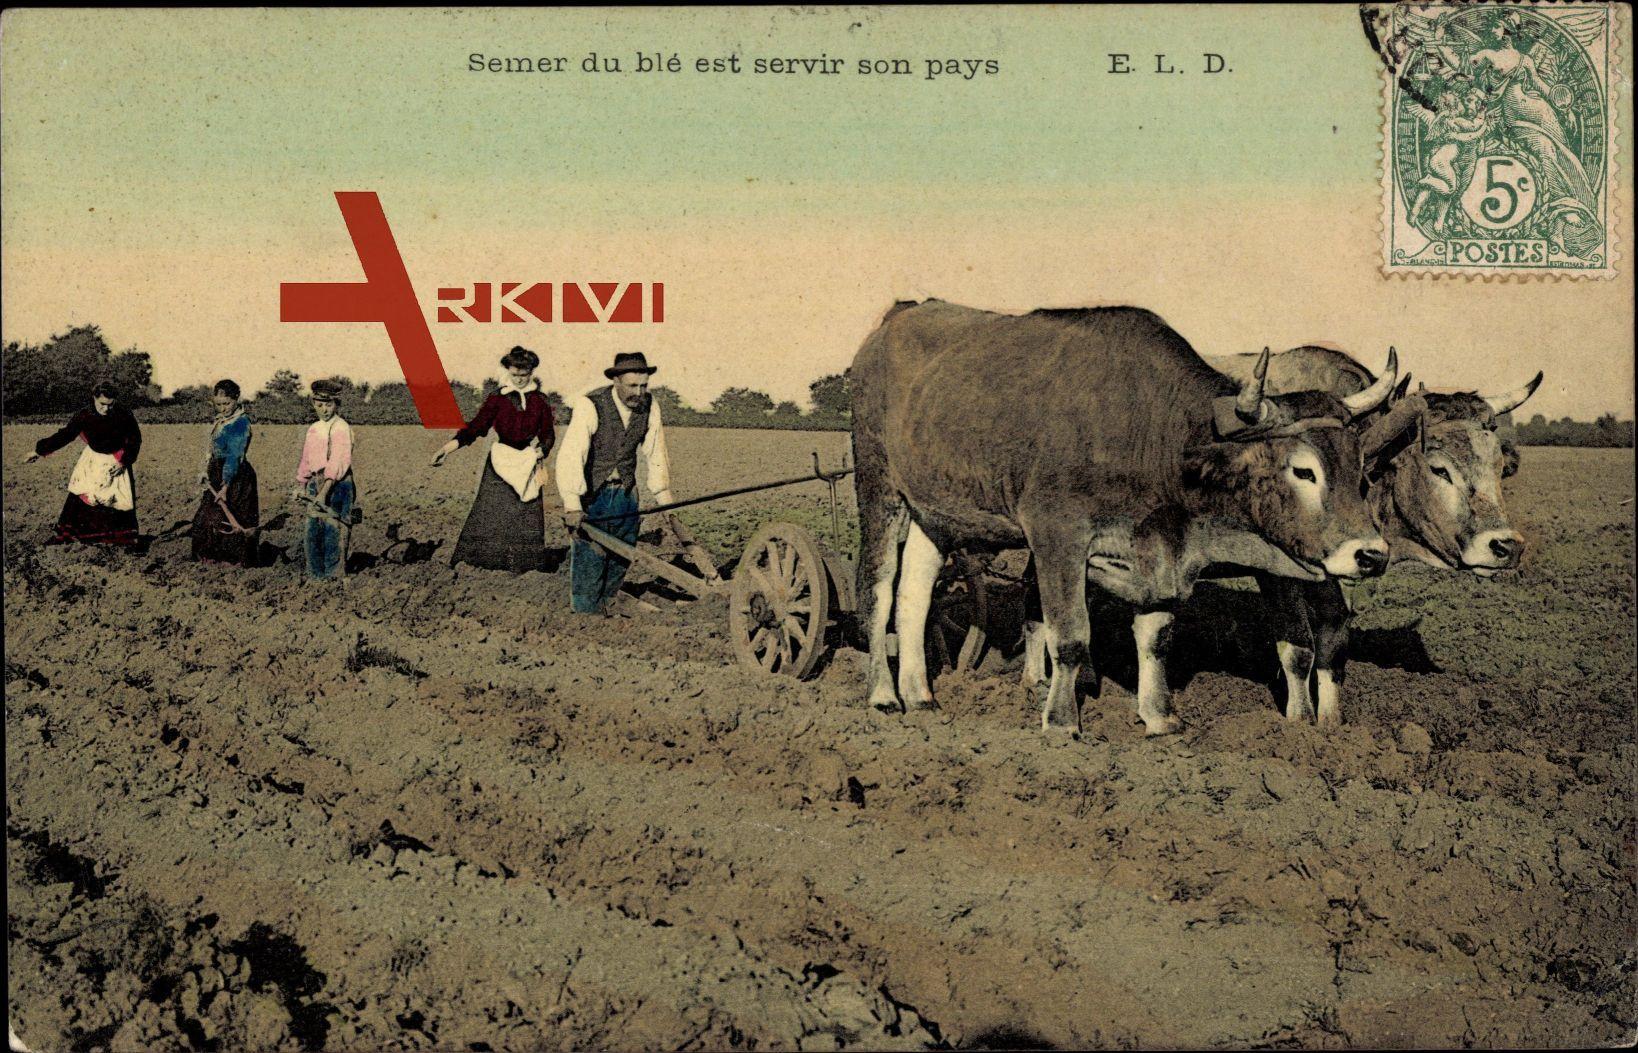 Semer du blé est servir son pays, Ackerpflug, Bauern, Arbeitsochsen